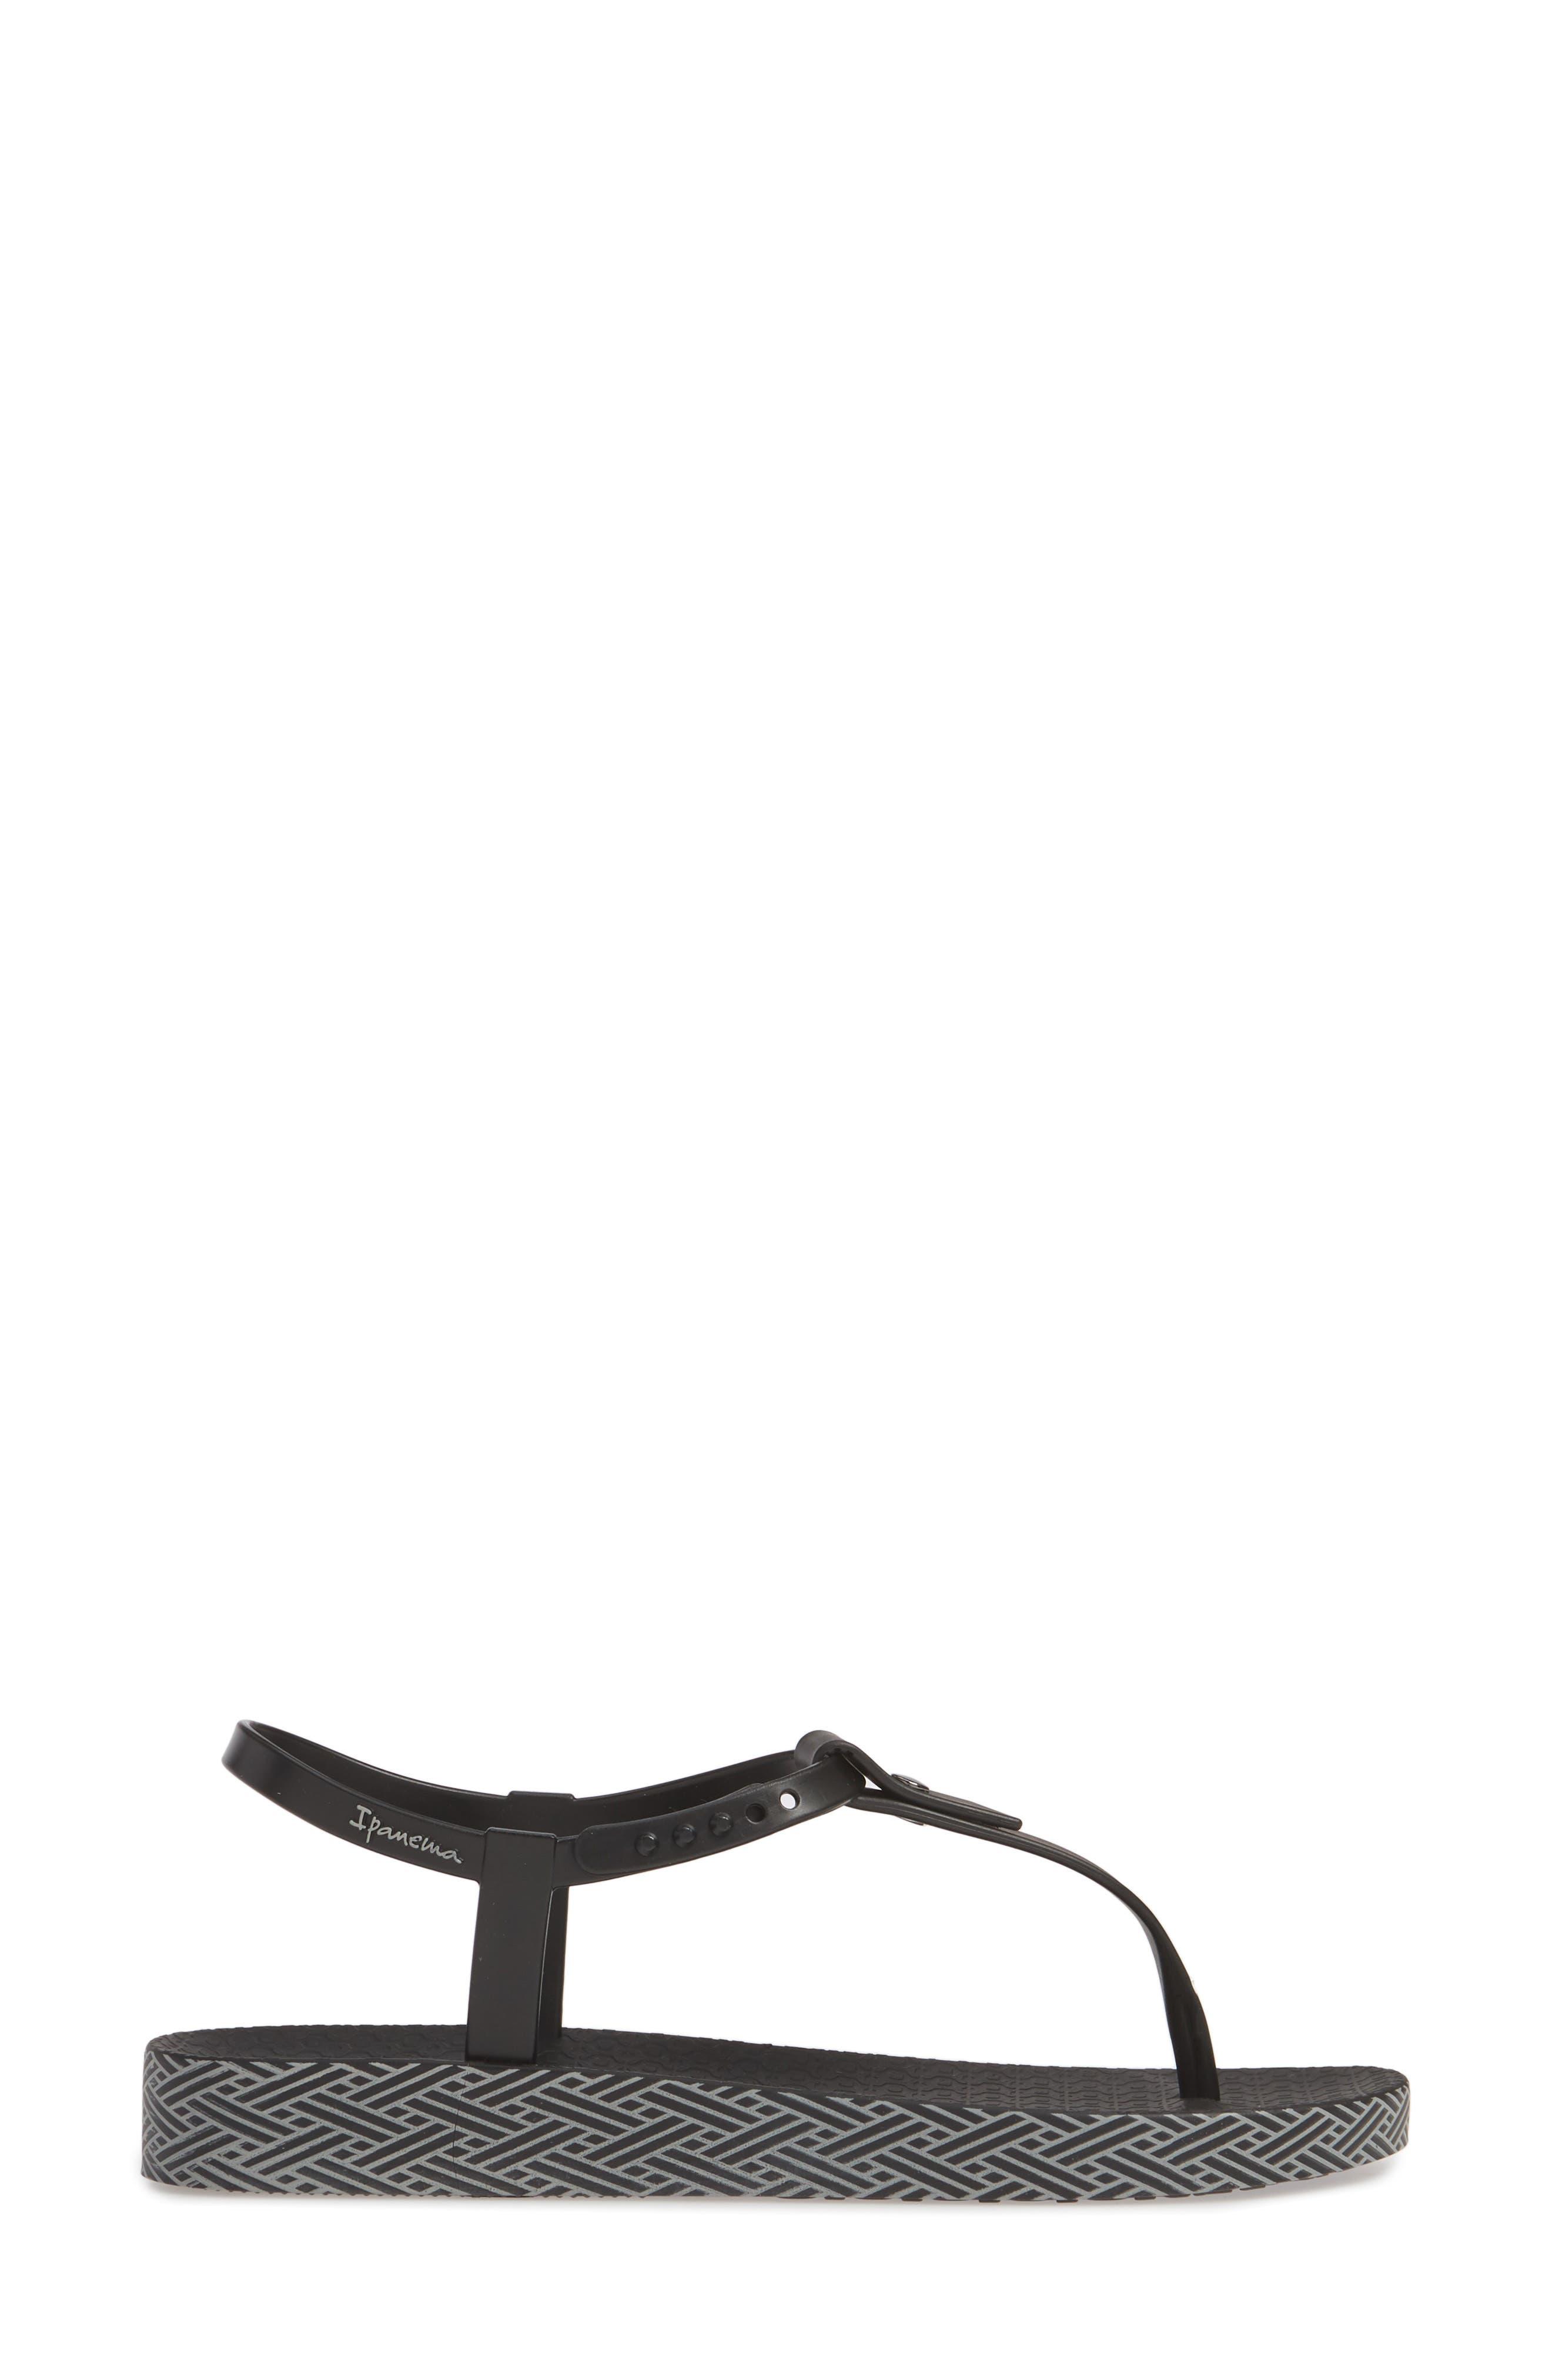 IPANEMA, Plush Weave T-Strap Sandal, Alternate thumbnail 3, color, BLACK